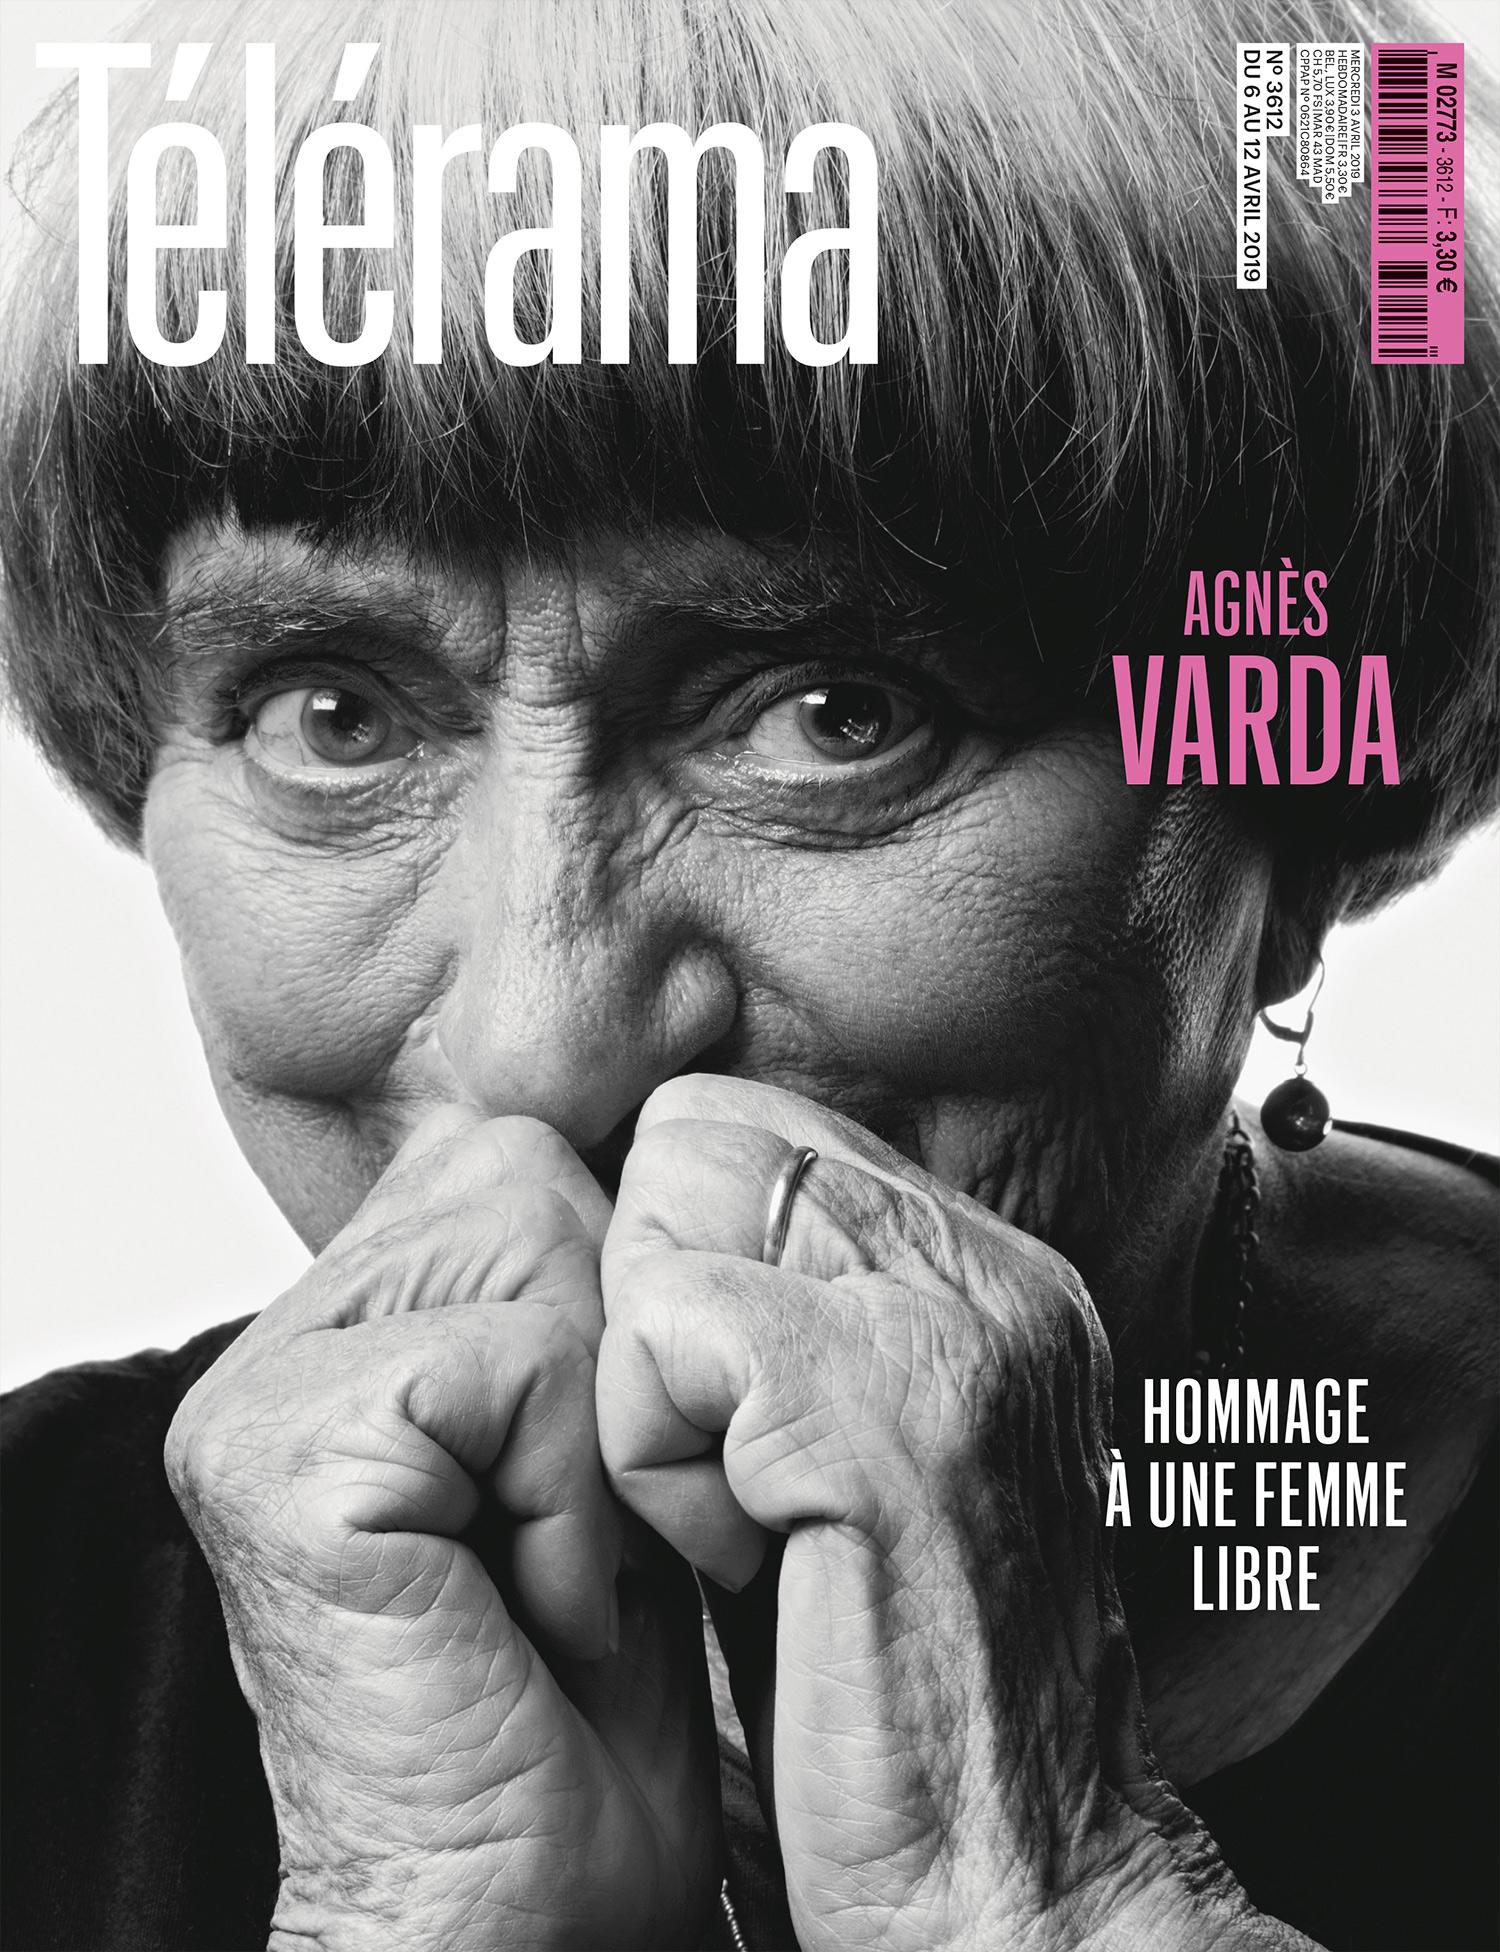 agnes-varda_by_sandro-baebler_cover.jpg